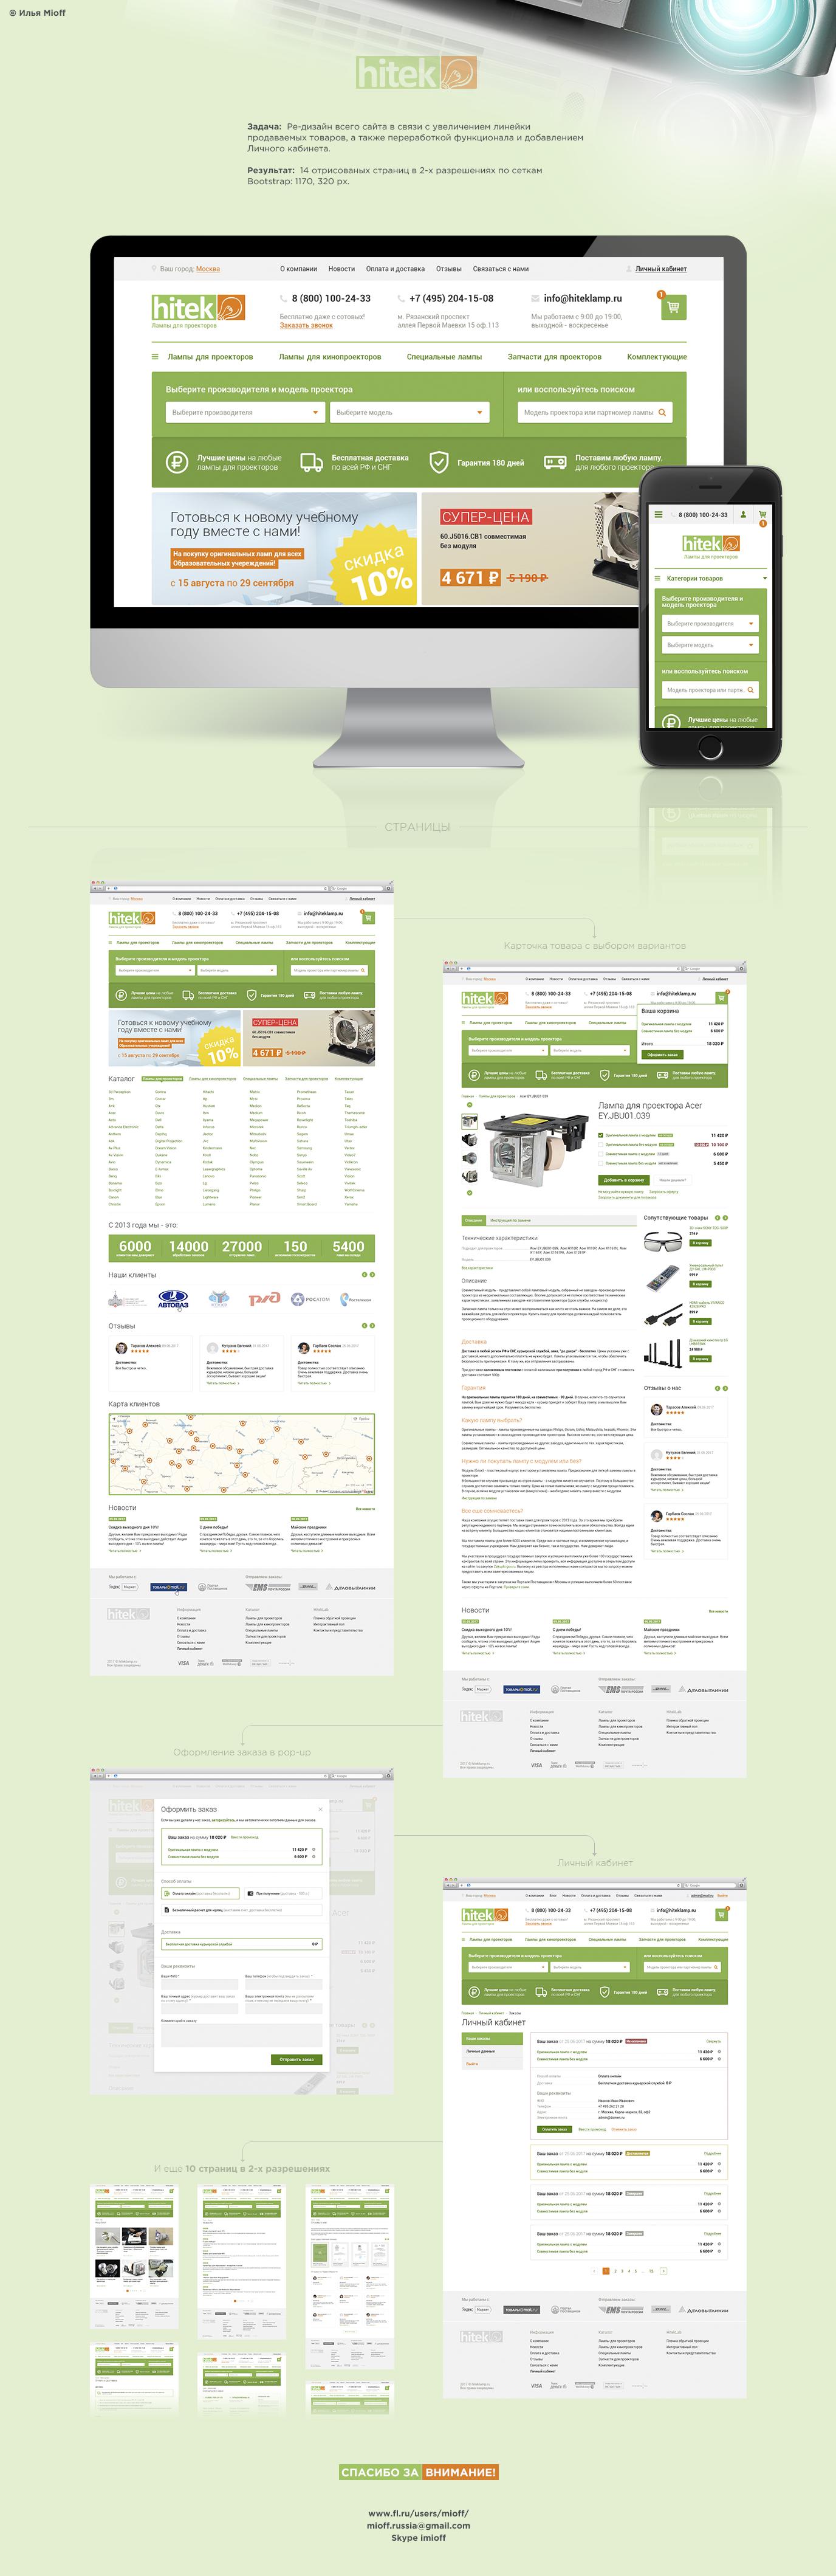 HITEK Lamp - лампы для проекторов (14 страниц в 2-х разрешениях по сеткам Bootstrap)